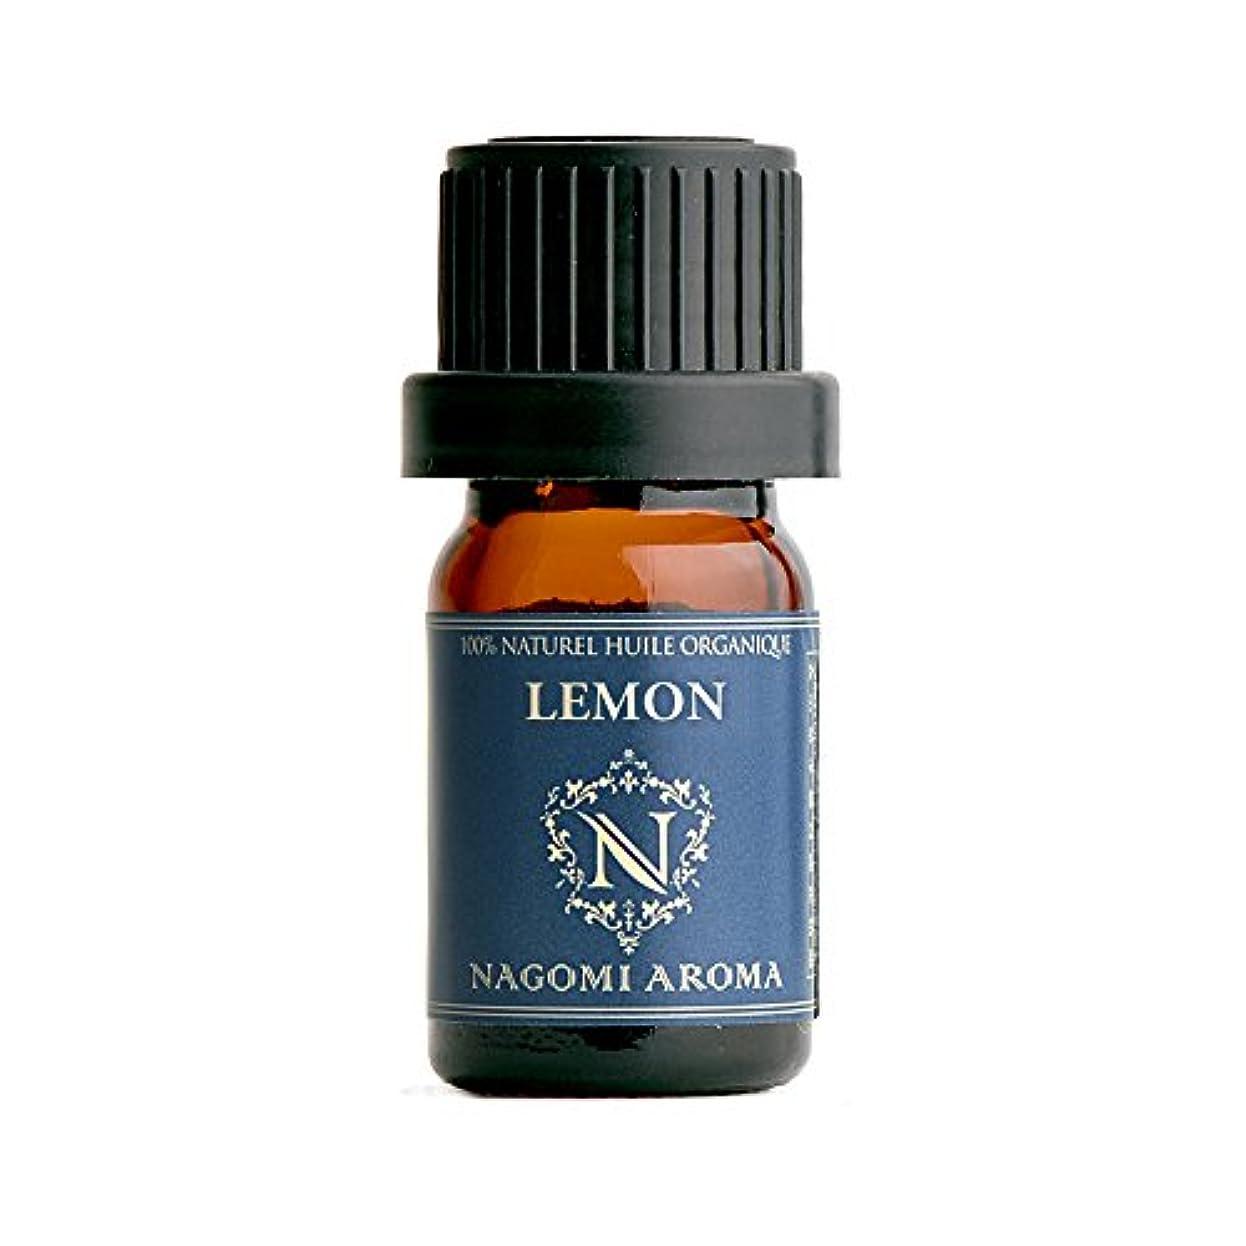 シャンプー海港比較的NAGOMI AROMA オーガニック レモン 5ml 【AEAJ認定精油】【アロマオイル】